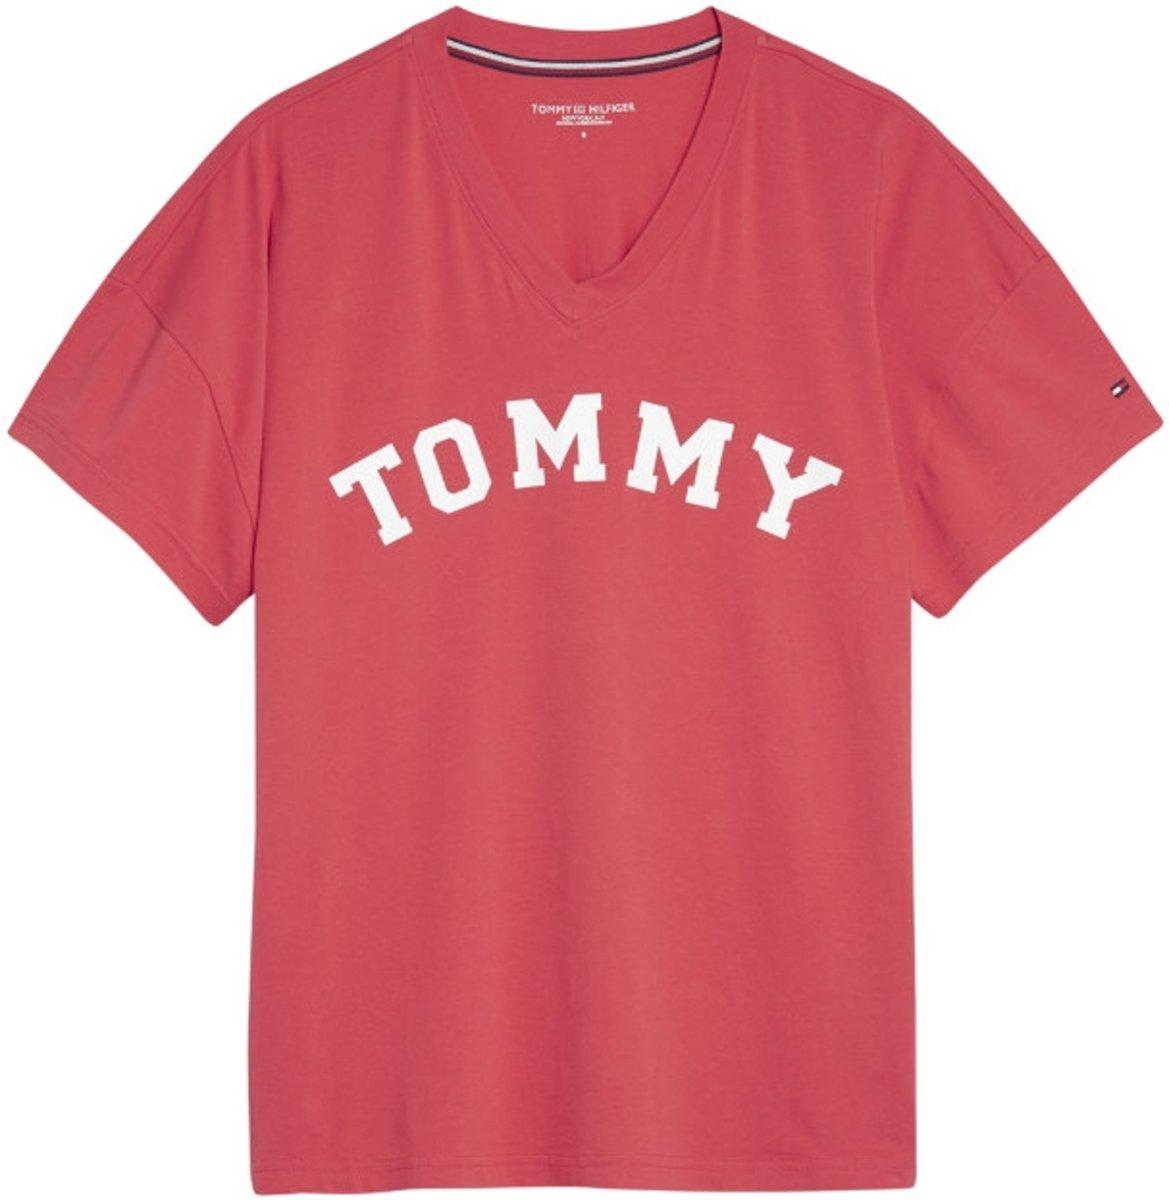 Tommy Hilfiger dames t-shirt v-neck-S kopen